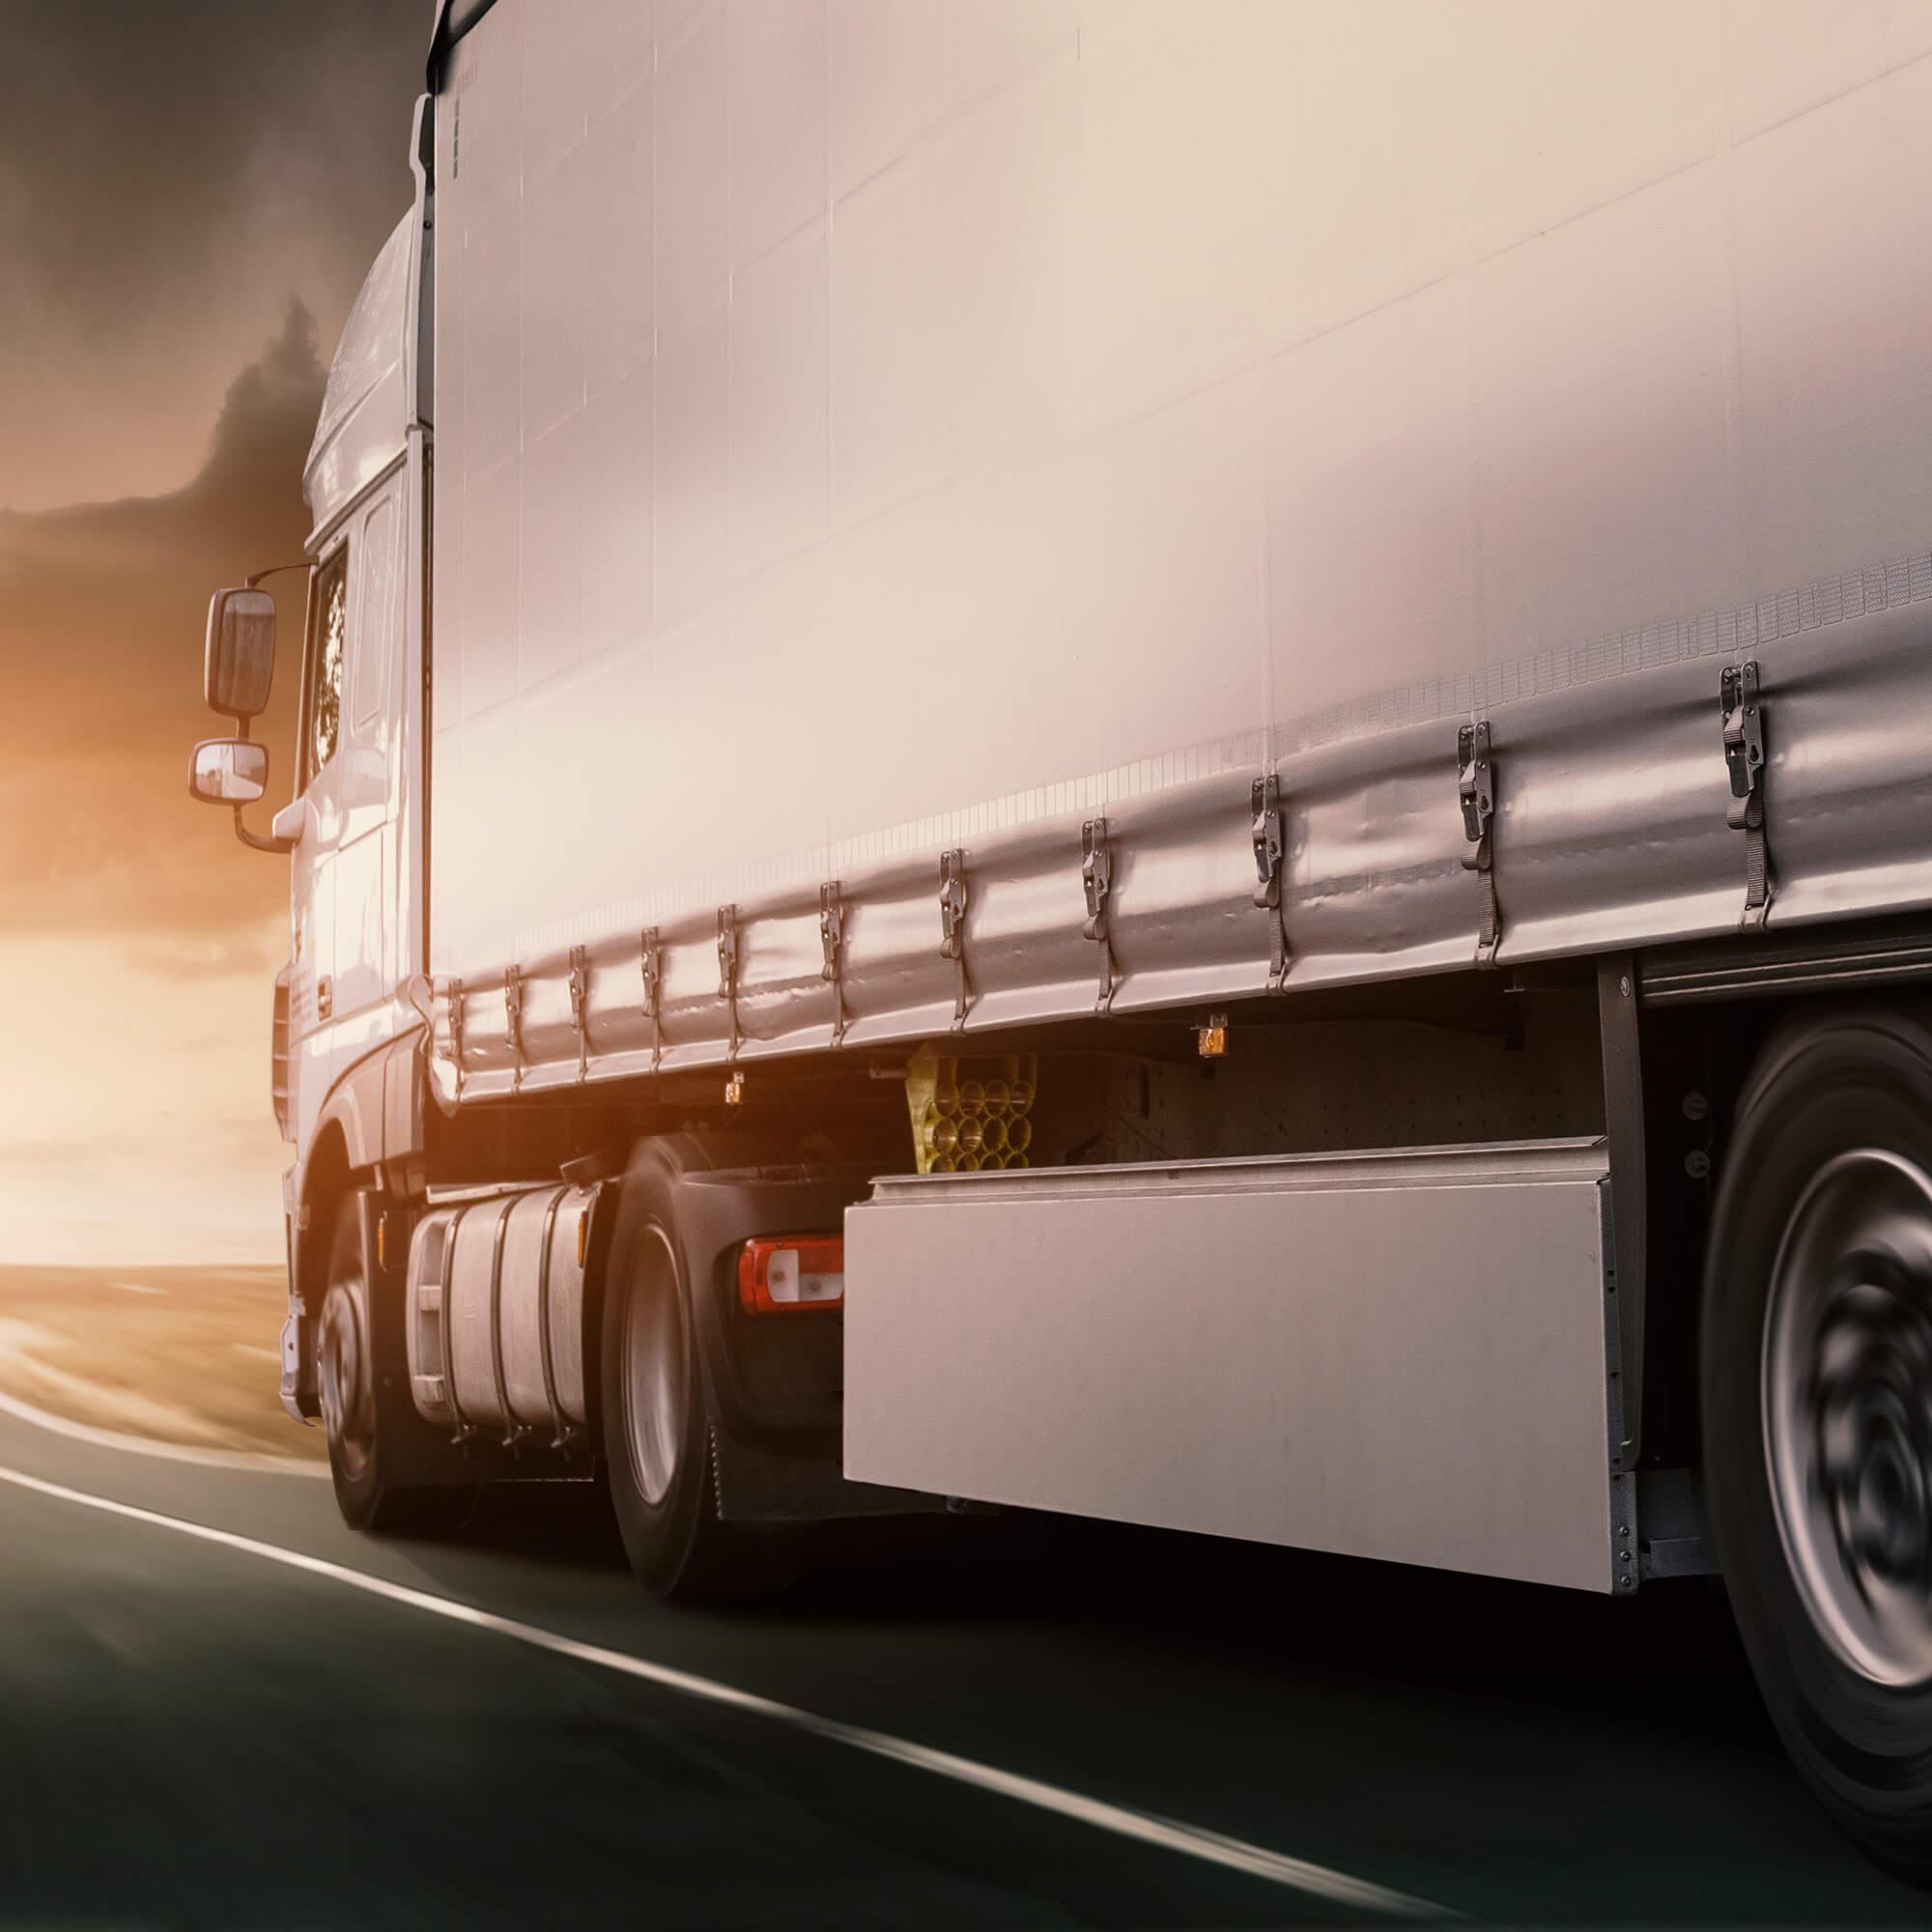 conduccion-vehiculos-pesados-carreteras-gala-formacion